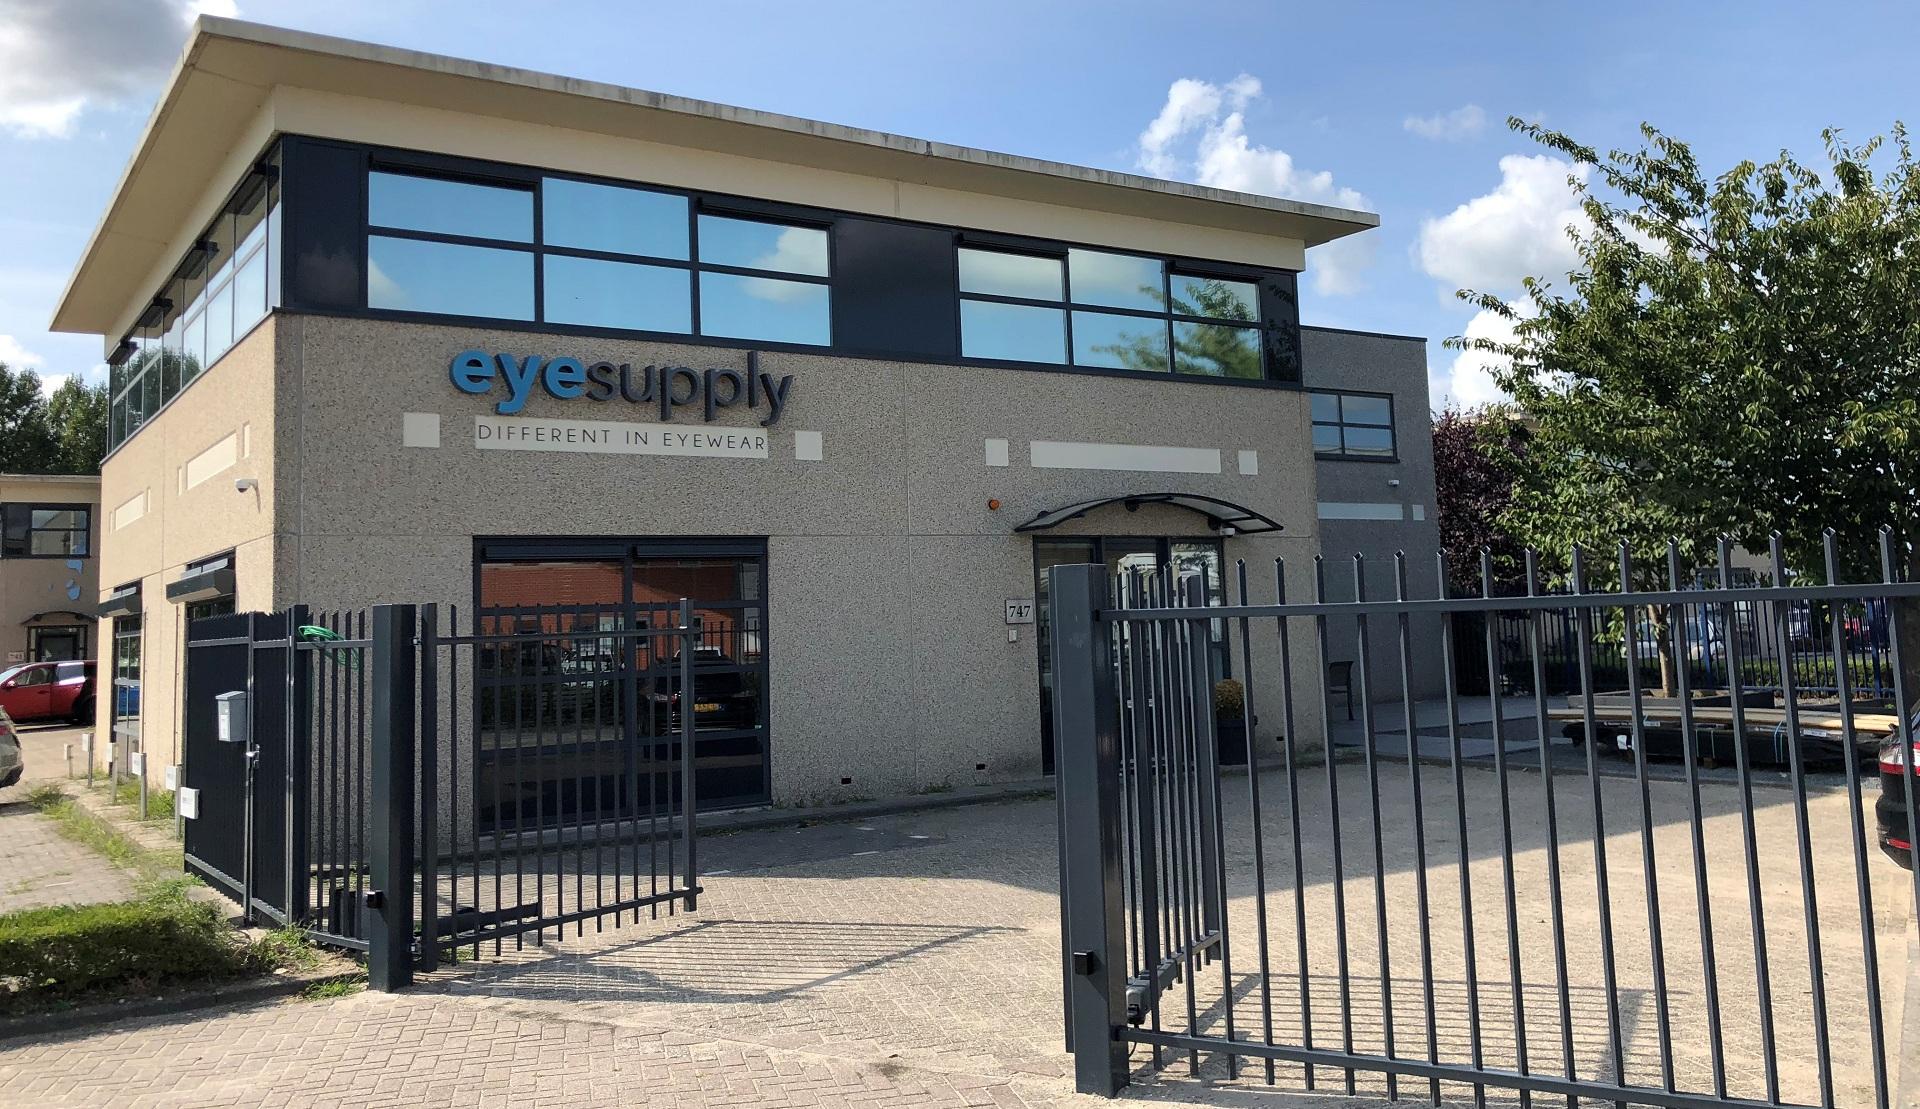 EyeSupplySlider – Slide 1